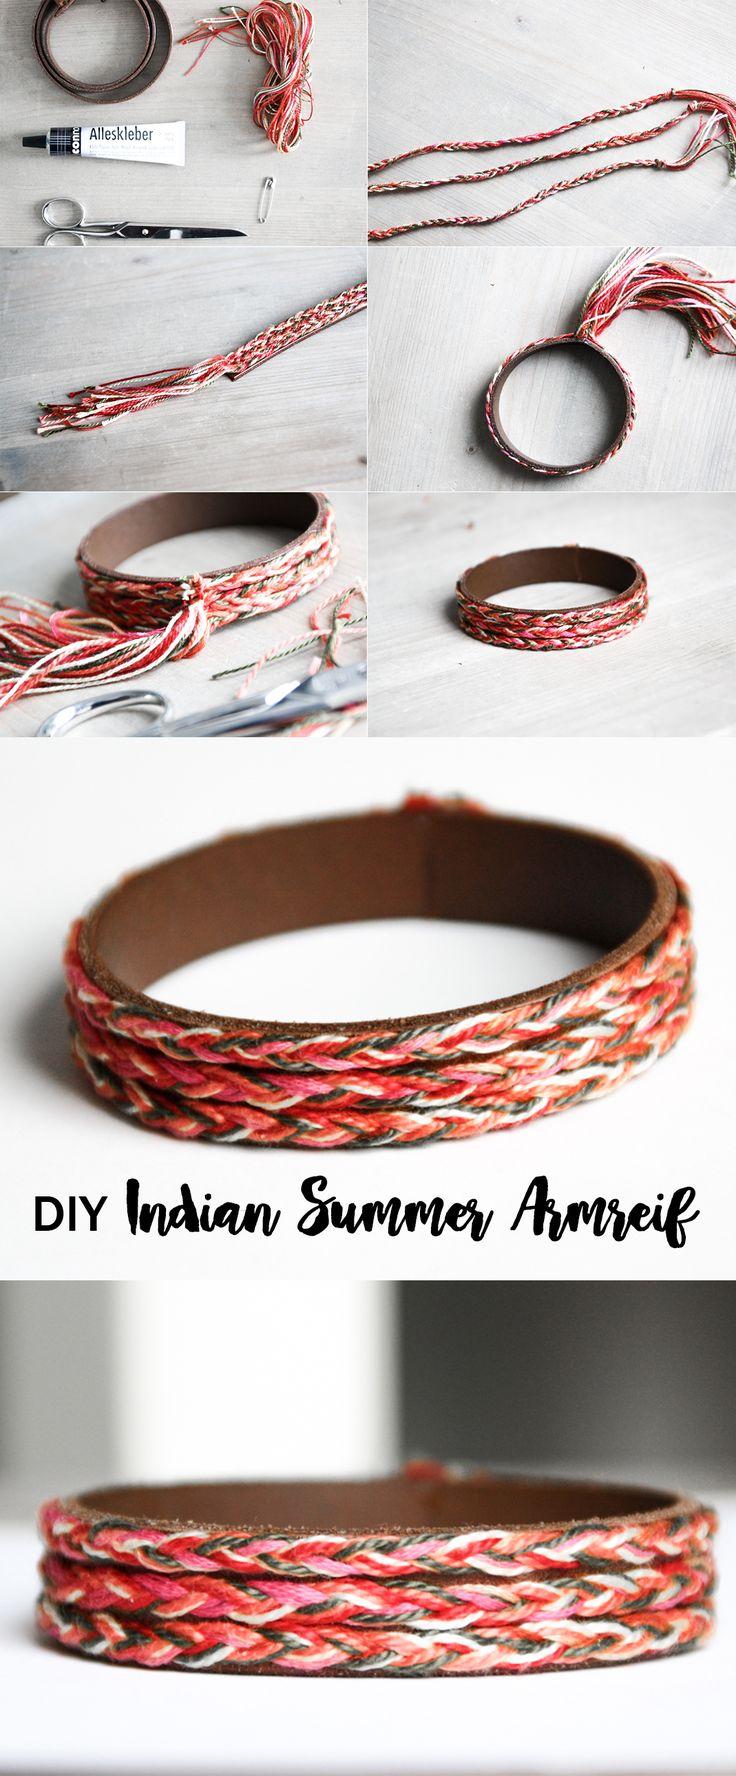 schereleimpapier: DIY Indian Summer Armreif mit Leder | Do it yourself Bangle | Ethno Hippie Boho Schmuck | jewelry | idea | bracelet | tutorial | anleitung | farbe | style fashion | geschenk geschenkidee | knüpfen | Freudnschaftsband | bunt | Sommer Farben |